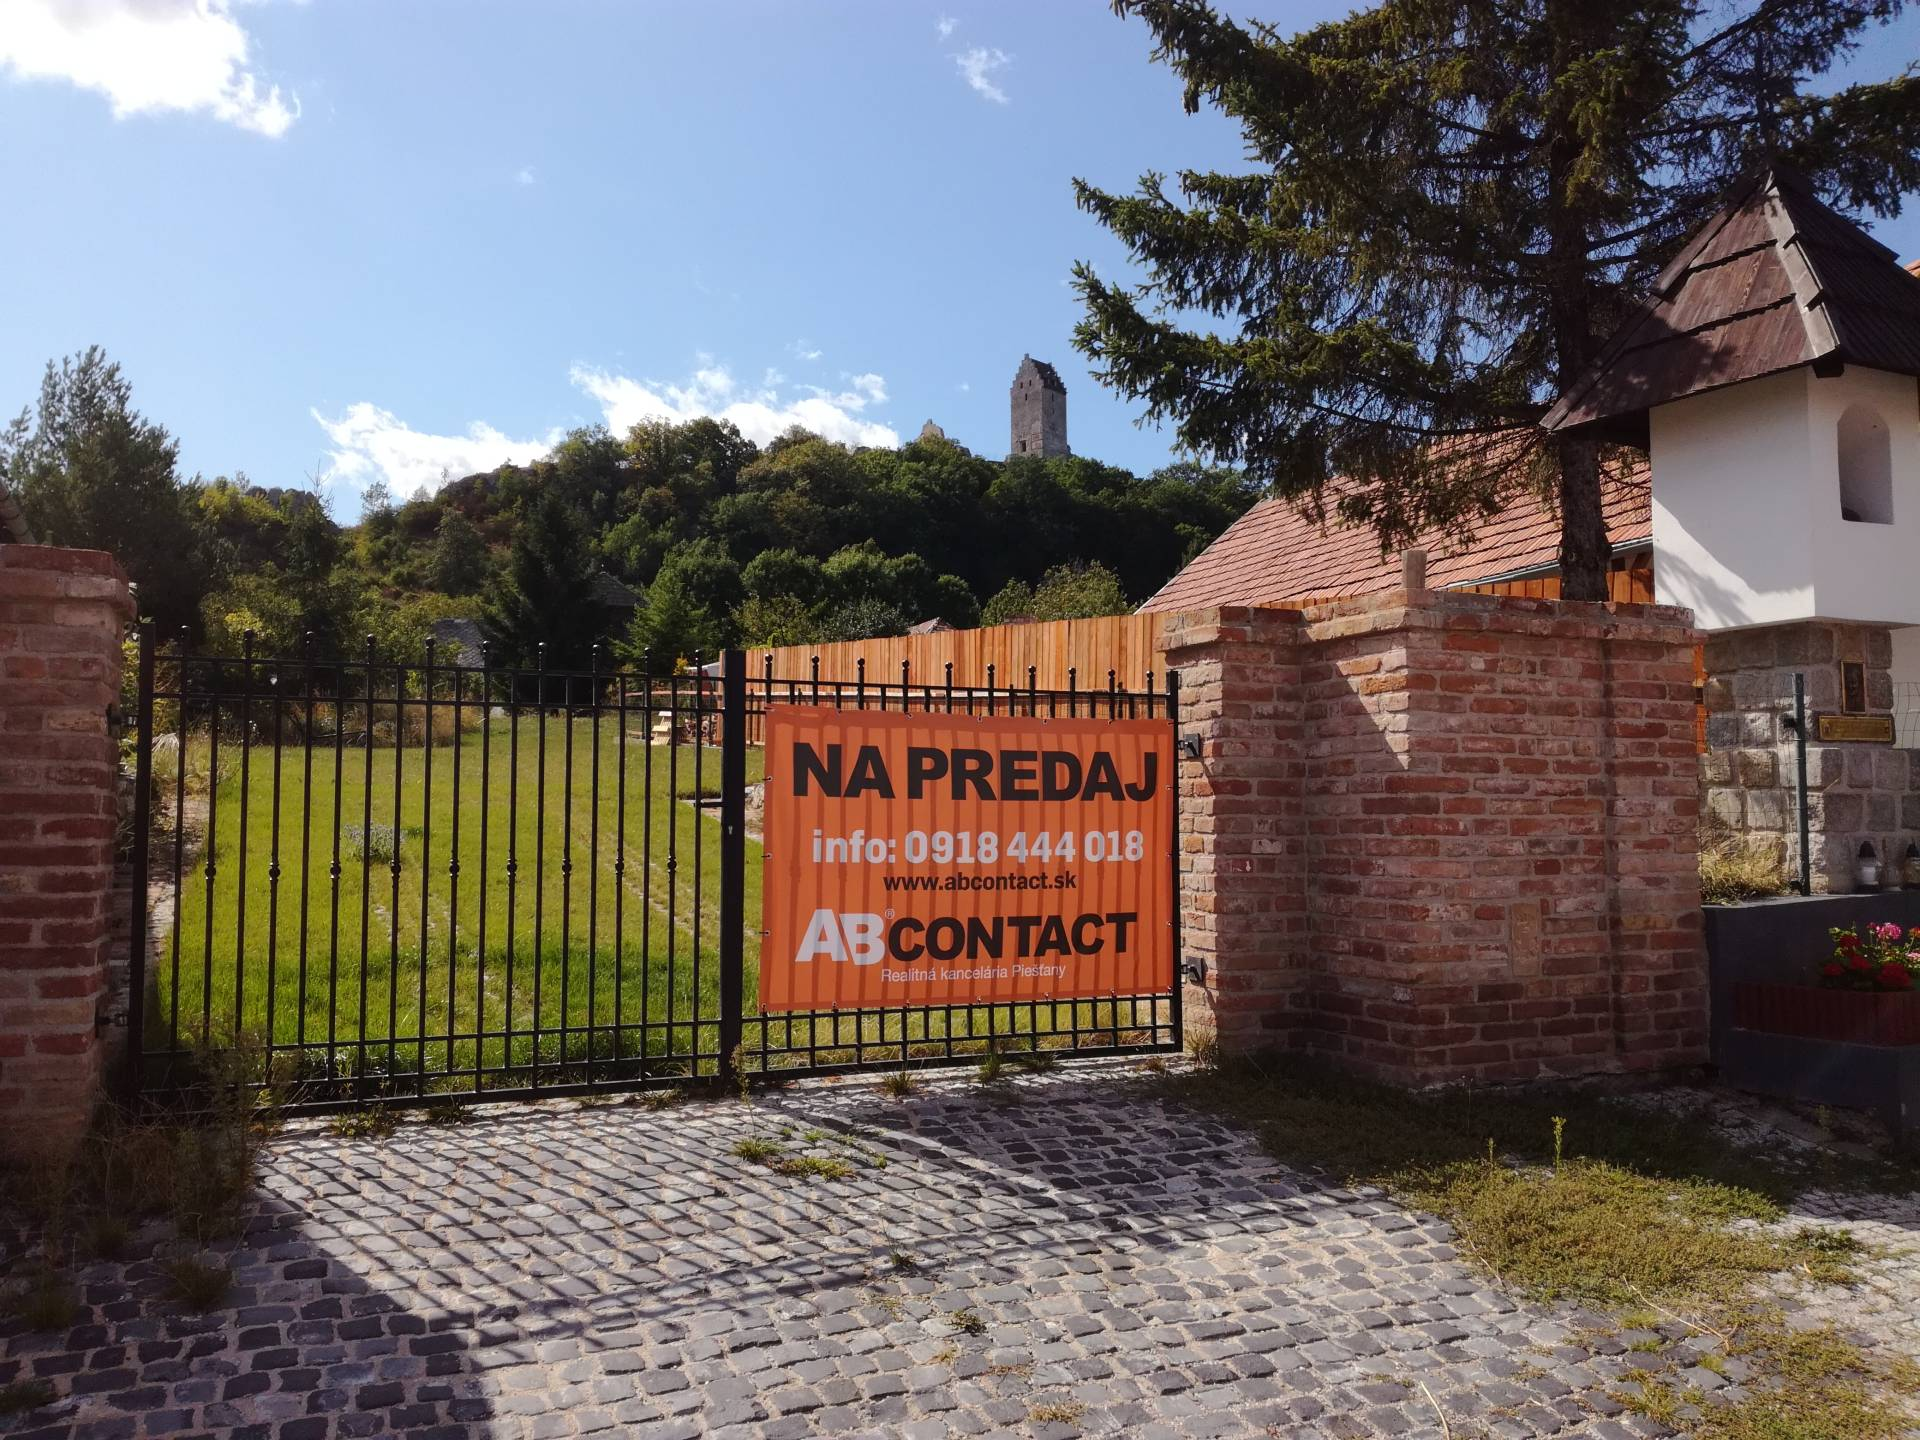 Stavebný pozemok s rozostavaným domom a vínnou pivnicou v Podhradí